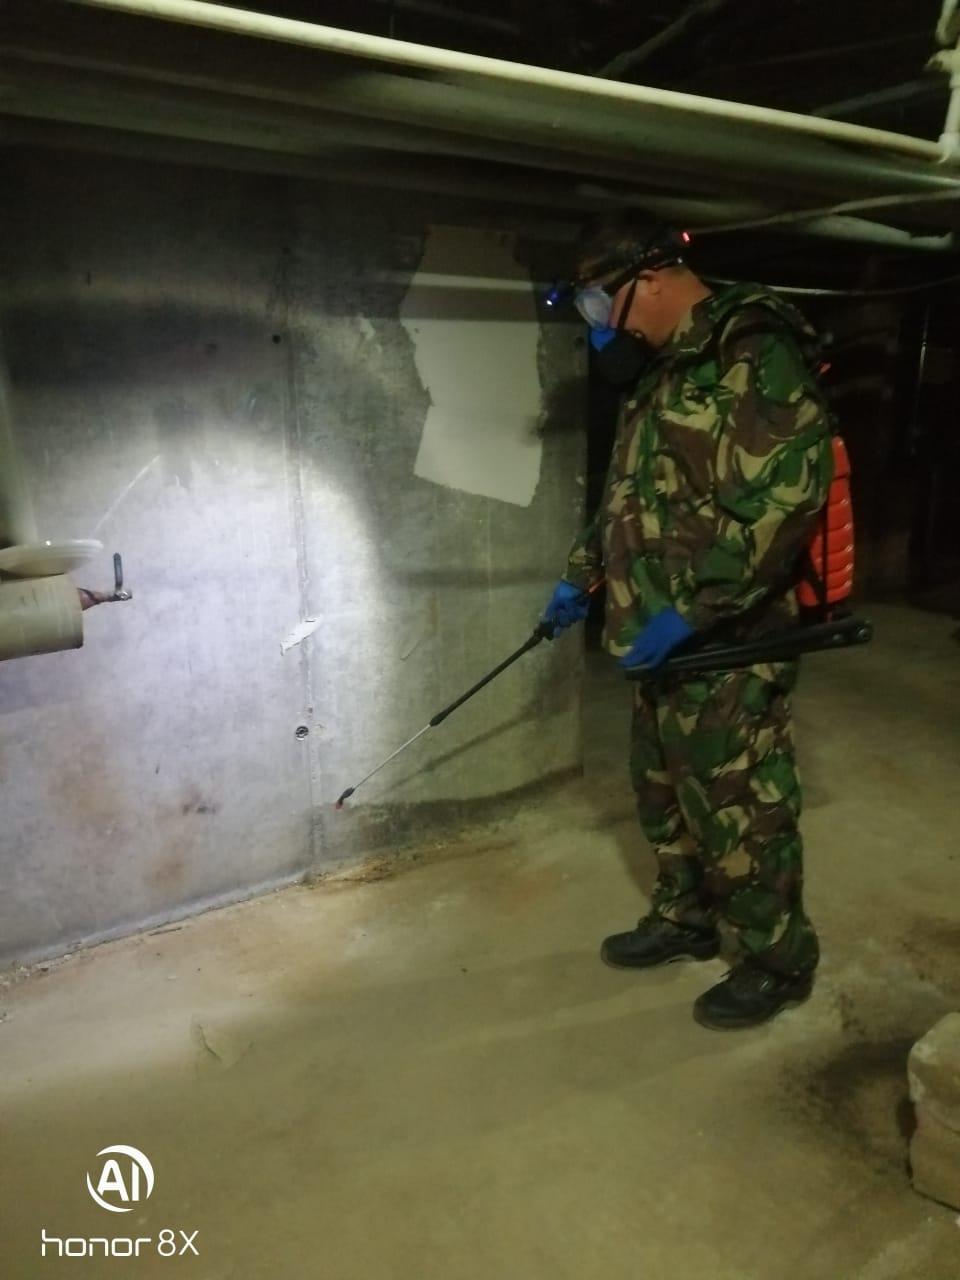 Салмышская 43/5 ежемесячная дератизация и дезинсекция подвала